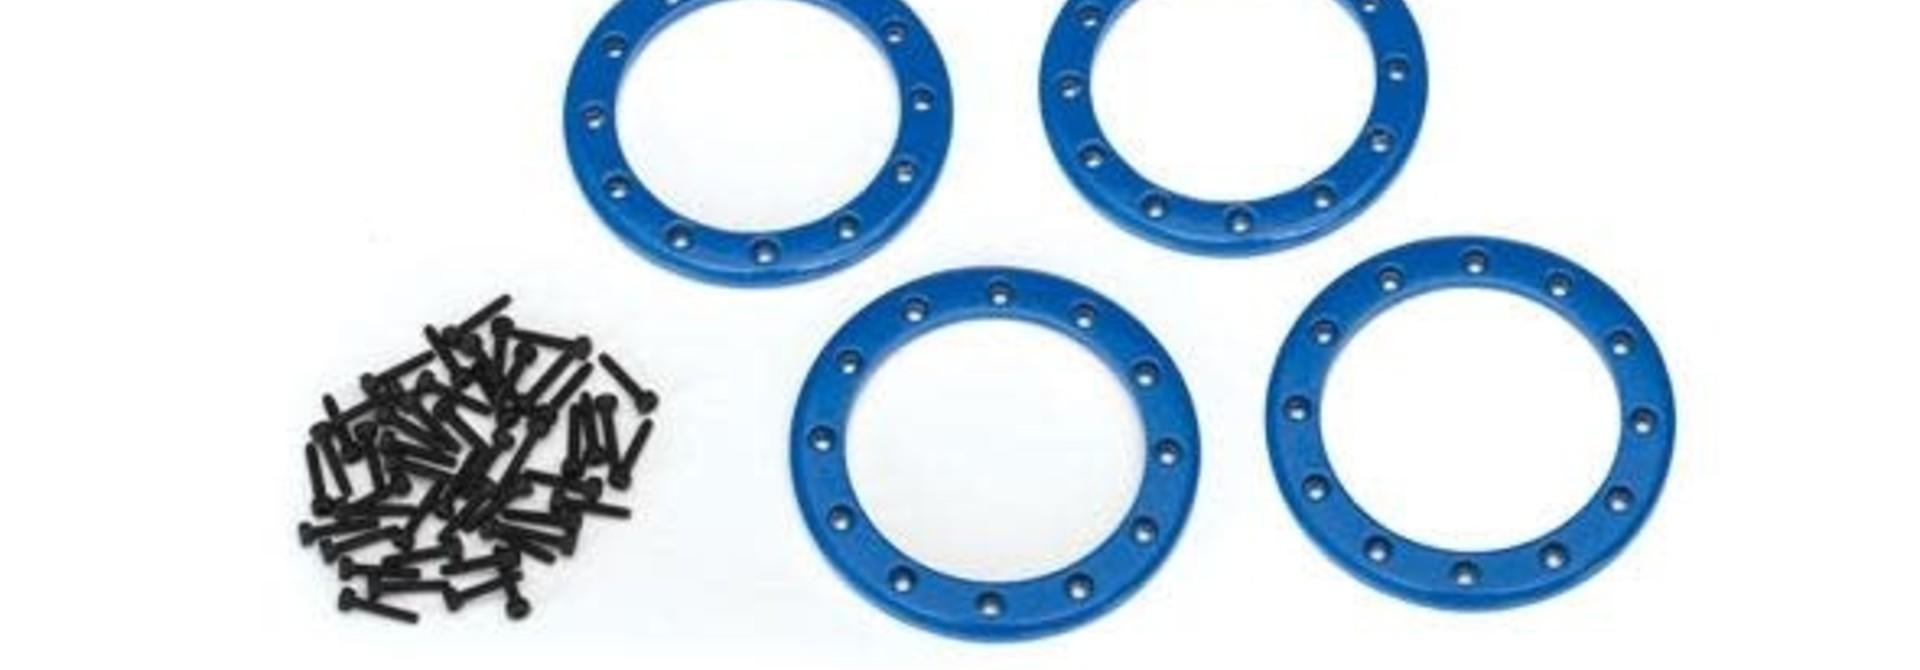 Beadlock rings, blue (2.2) (aluminum) (4)/ 2x10 CS (48)